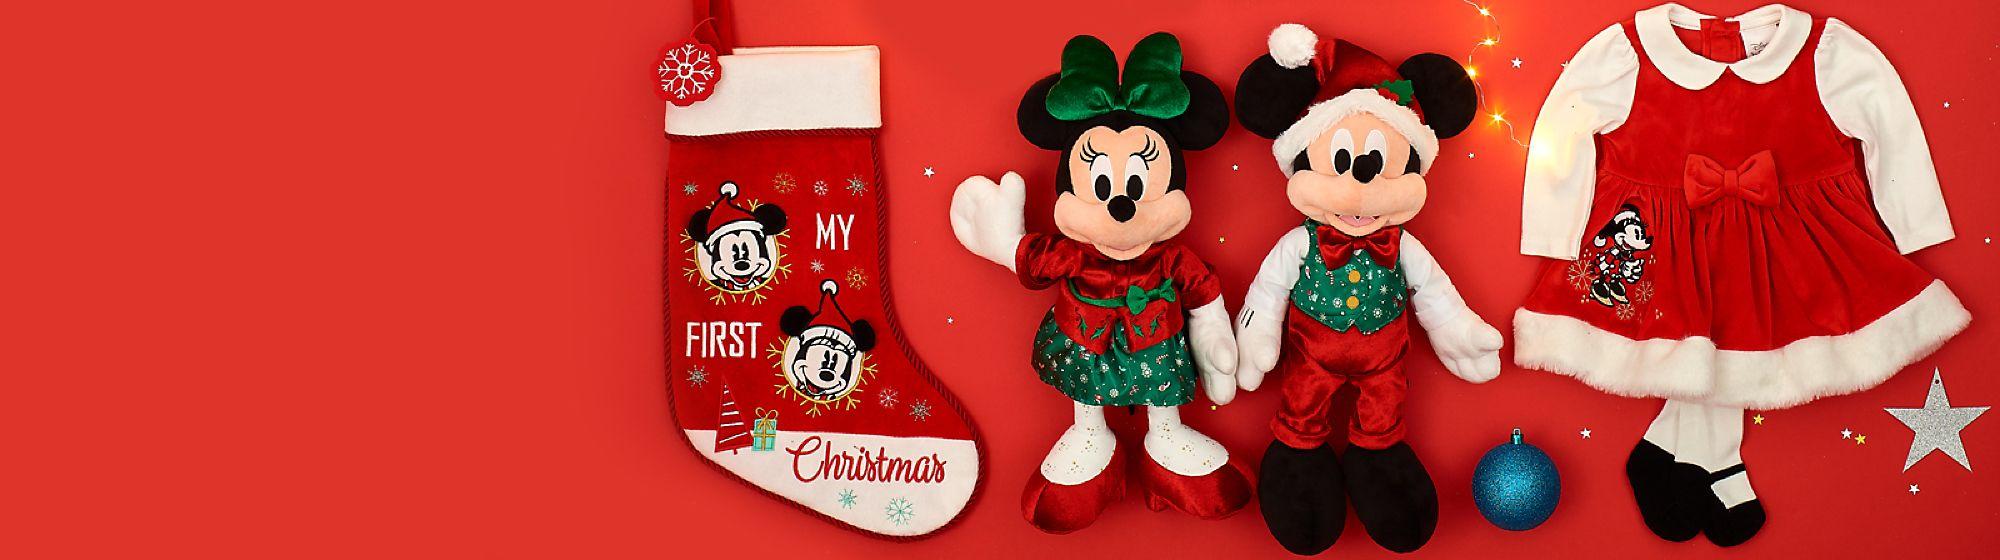 Kinderzimmer undGeschenke Durchstöbere unser entzückendes Sortiment an Accessoires für das Kinderzimmer und Babygeschenken mit Motivendeiner Lieblingsfiguren wie Winnie Puuh, Buzz Lightyear und Micky Maus.